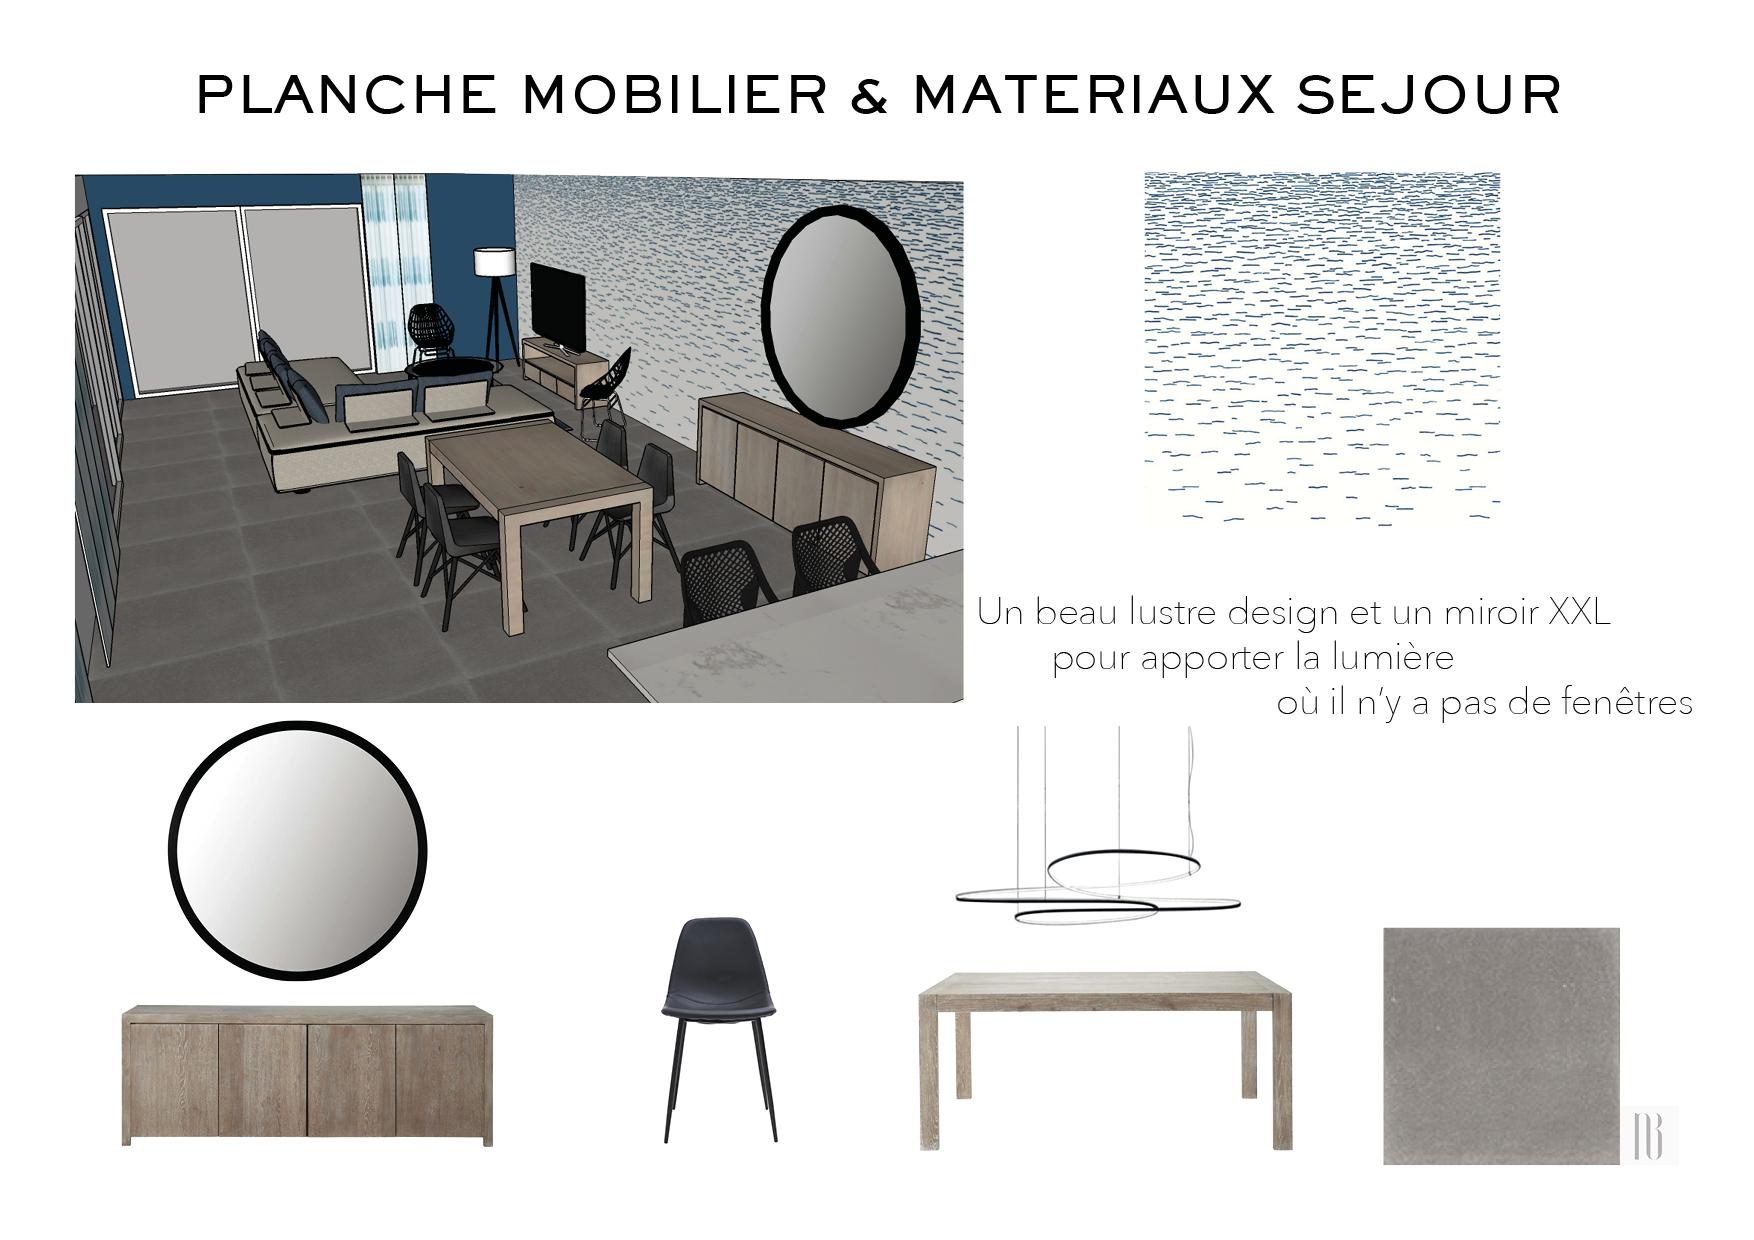 Nathalie Bossard décoration architecture intérieur Rennes 35 UFDI-390 Book déco maison en construction Bédée Ille et vilaine planche mobilier et matériaux séjour